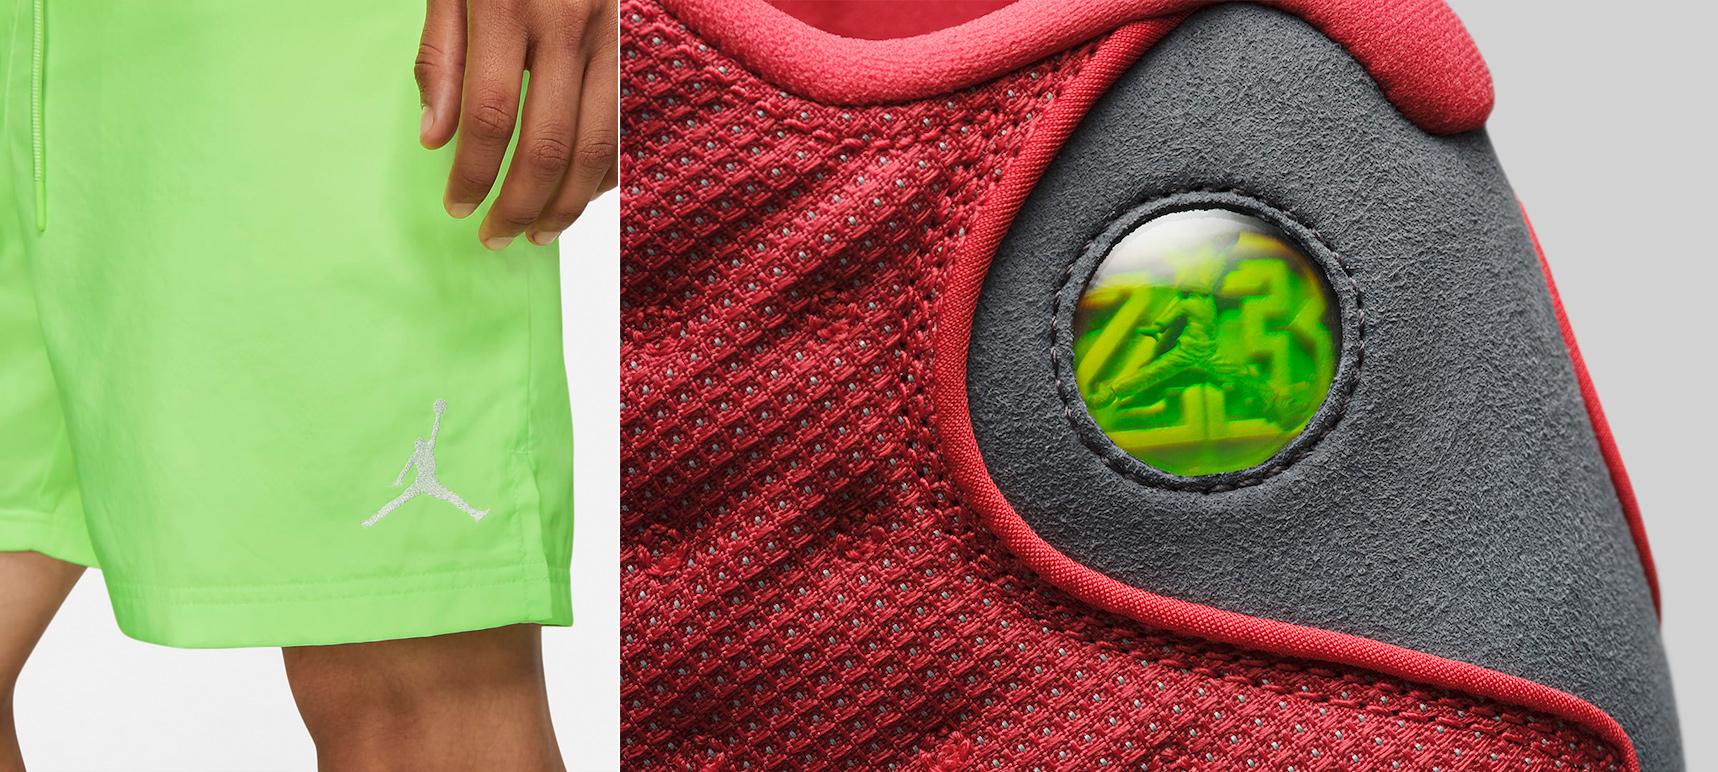 air-jordan-13-red-flint-green-shorts-match